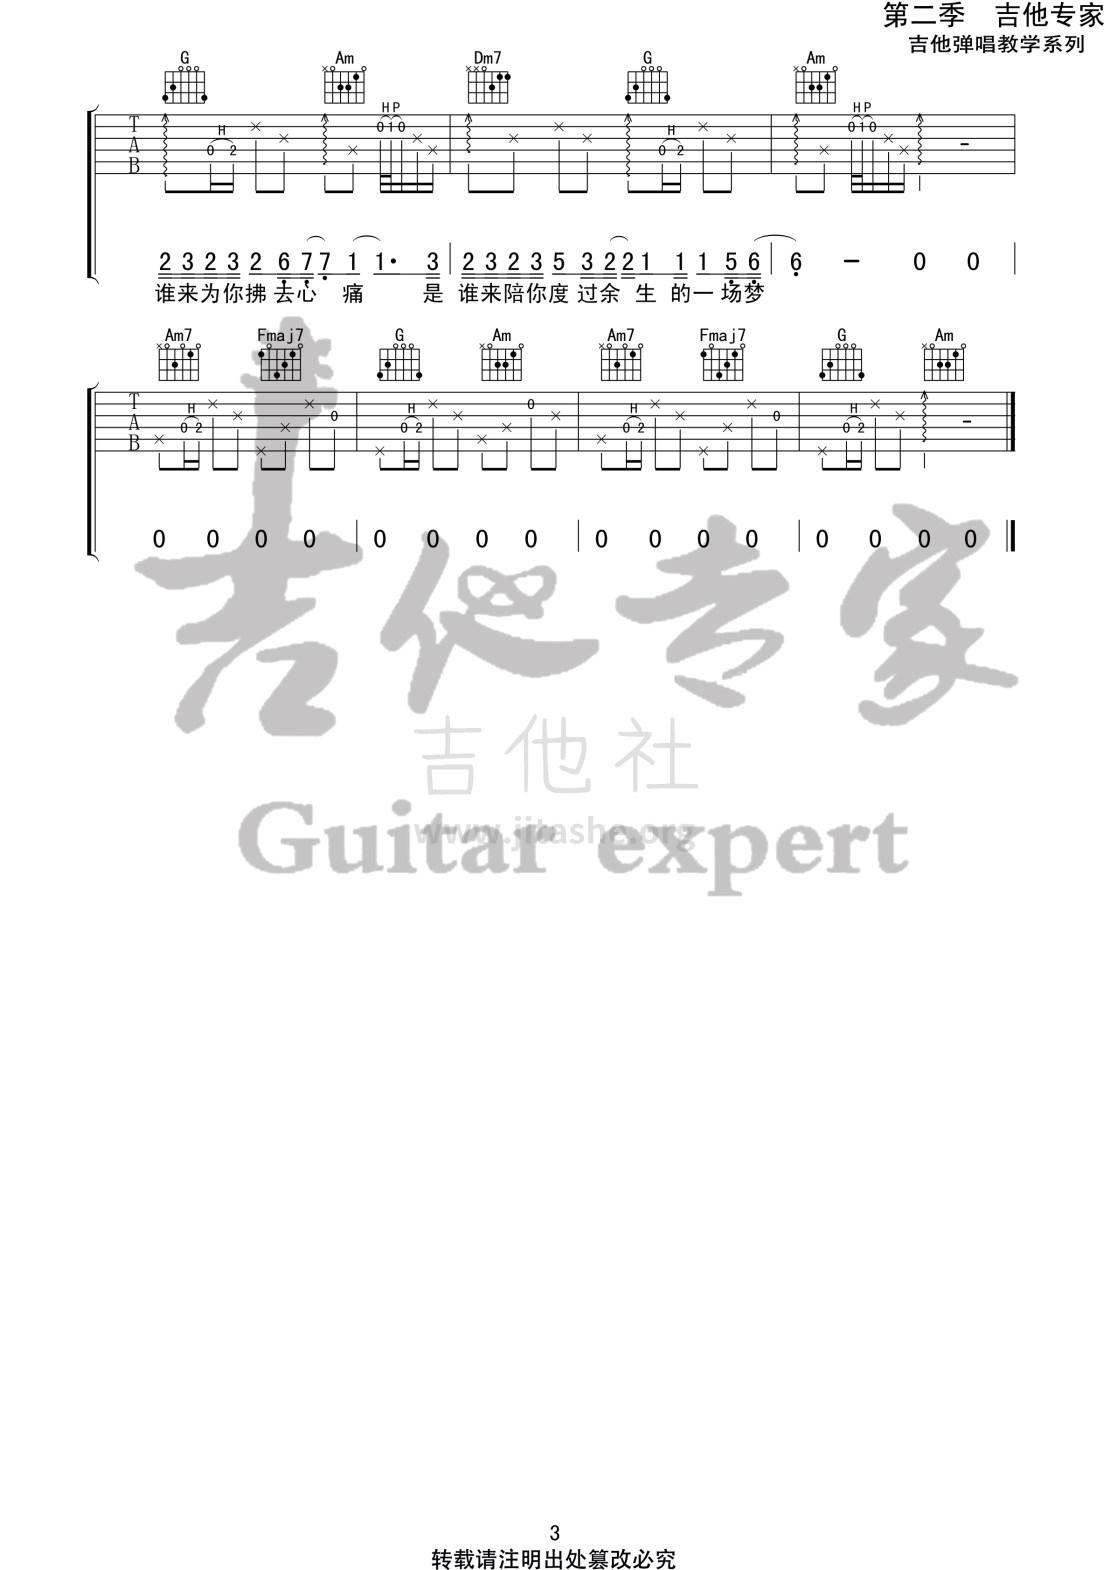 大梦(音艺吉他专家弹唱教学:第二季第20集)吉他谱(图片谱,弹唱,伴奏,教程)_枯木逢春_大梦3  第二季第二十集.jpg